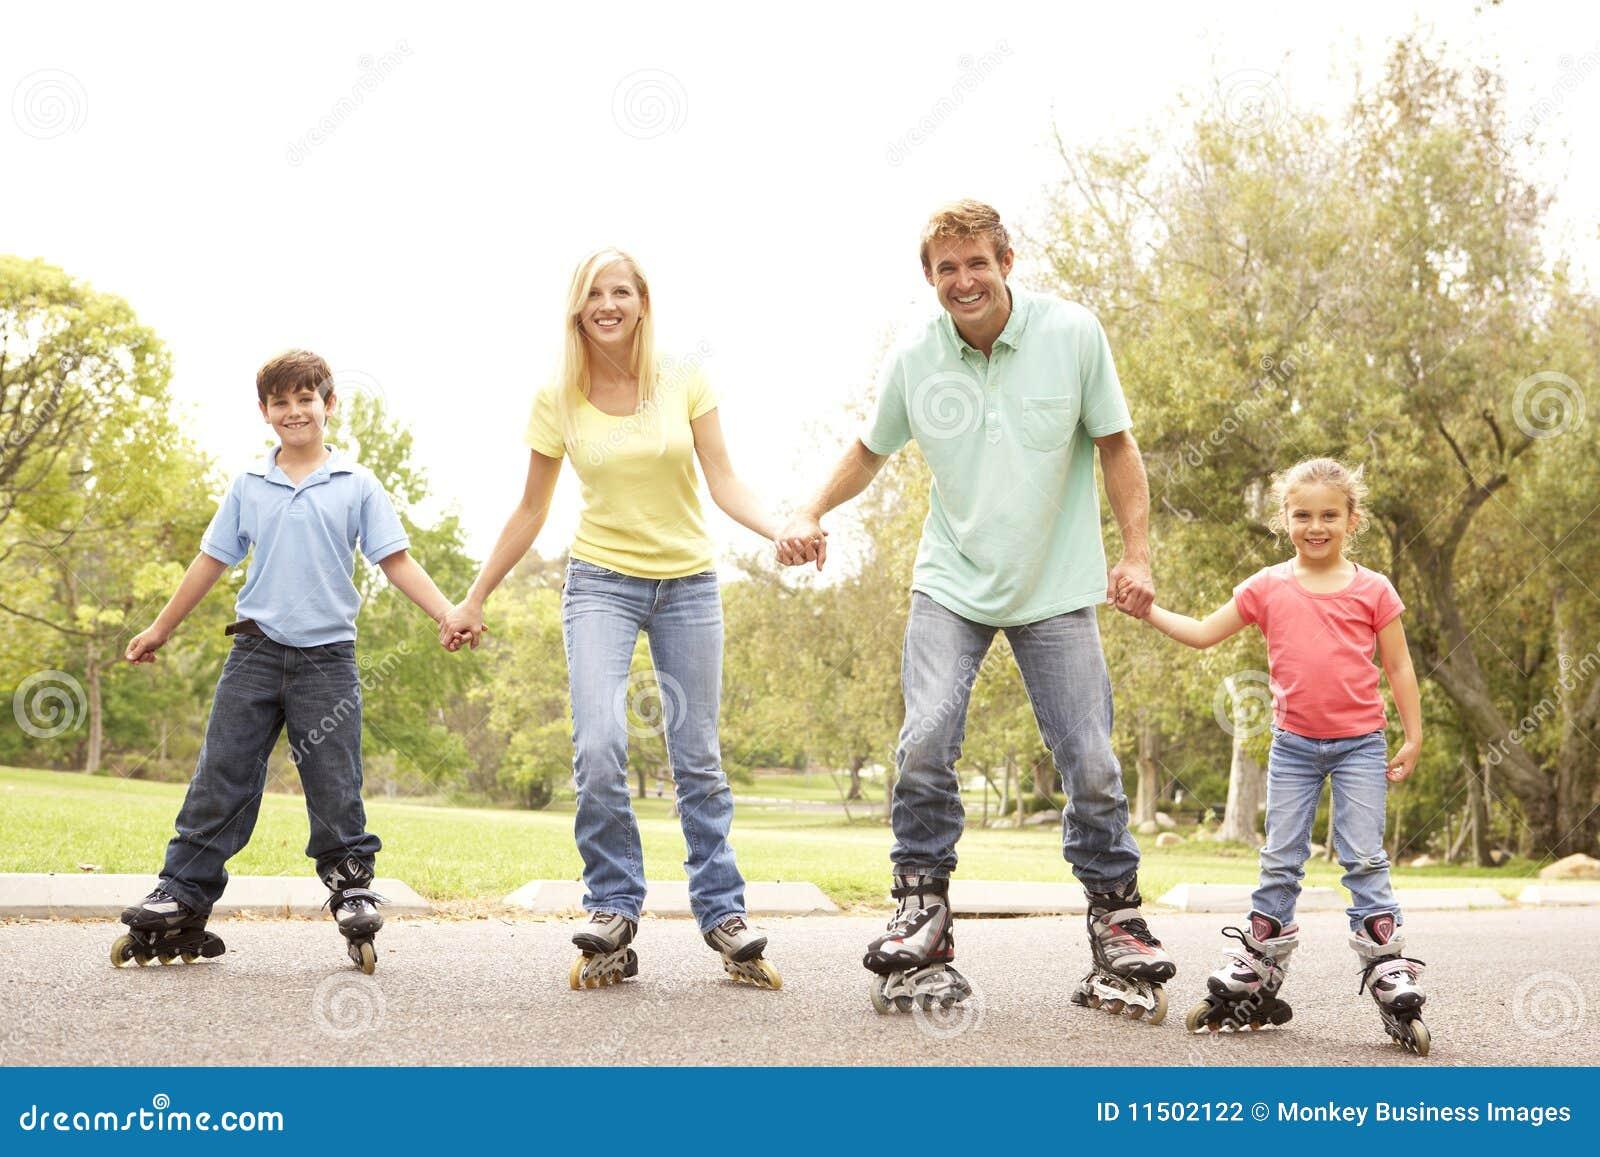 世家公园冰鞋佩带